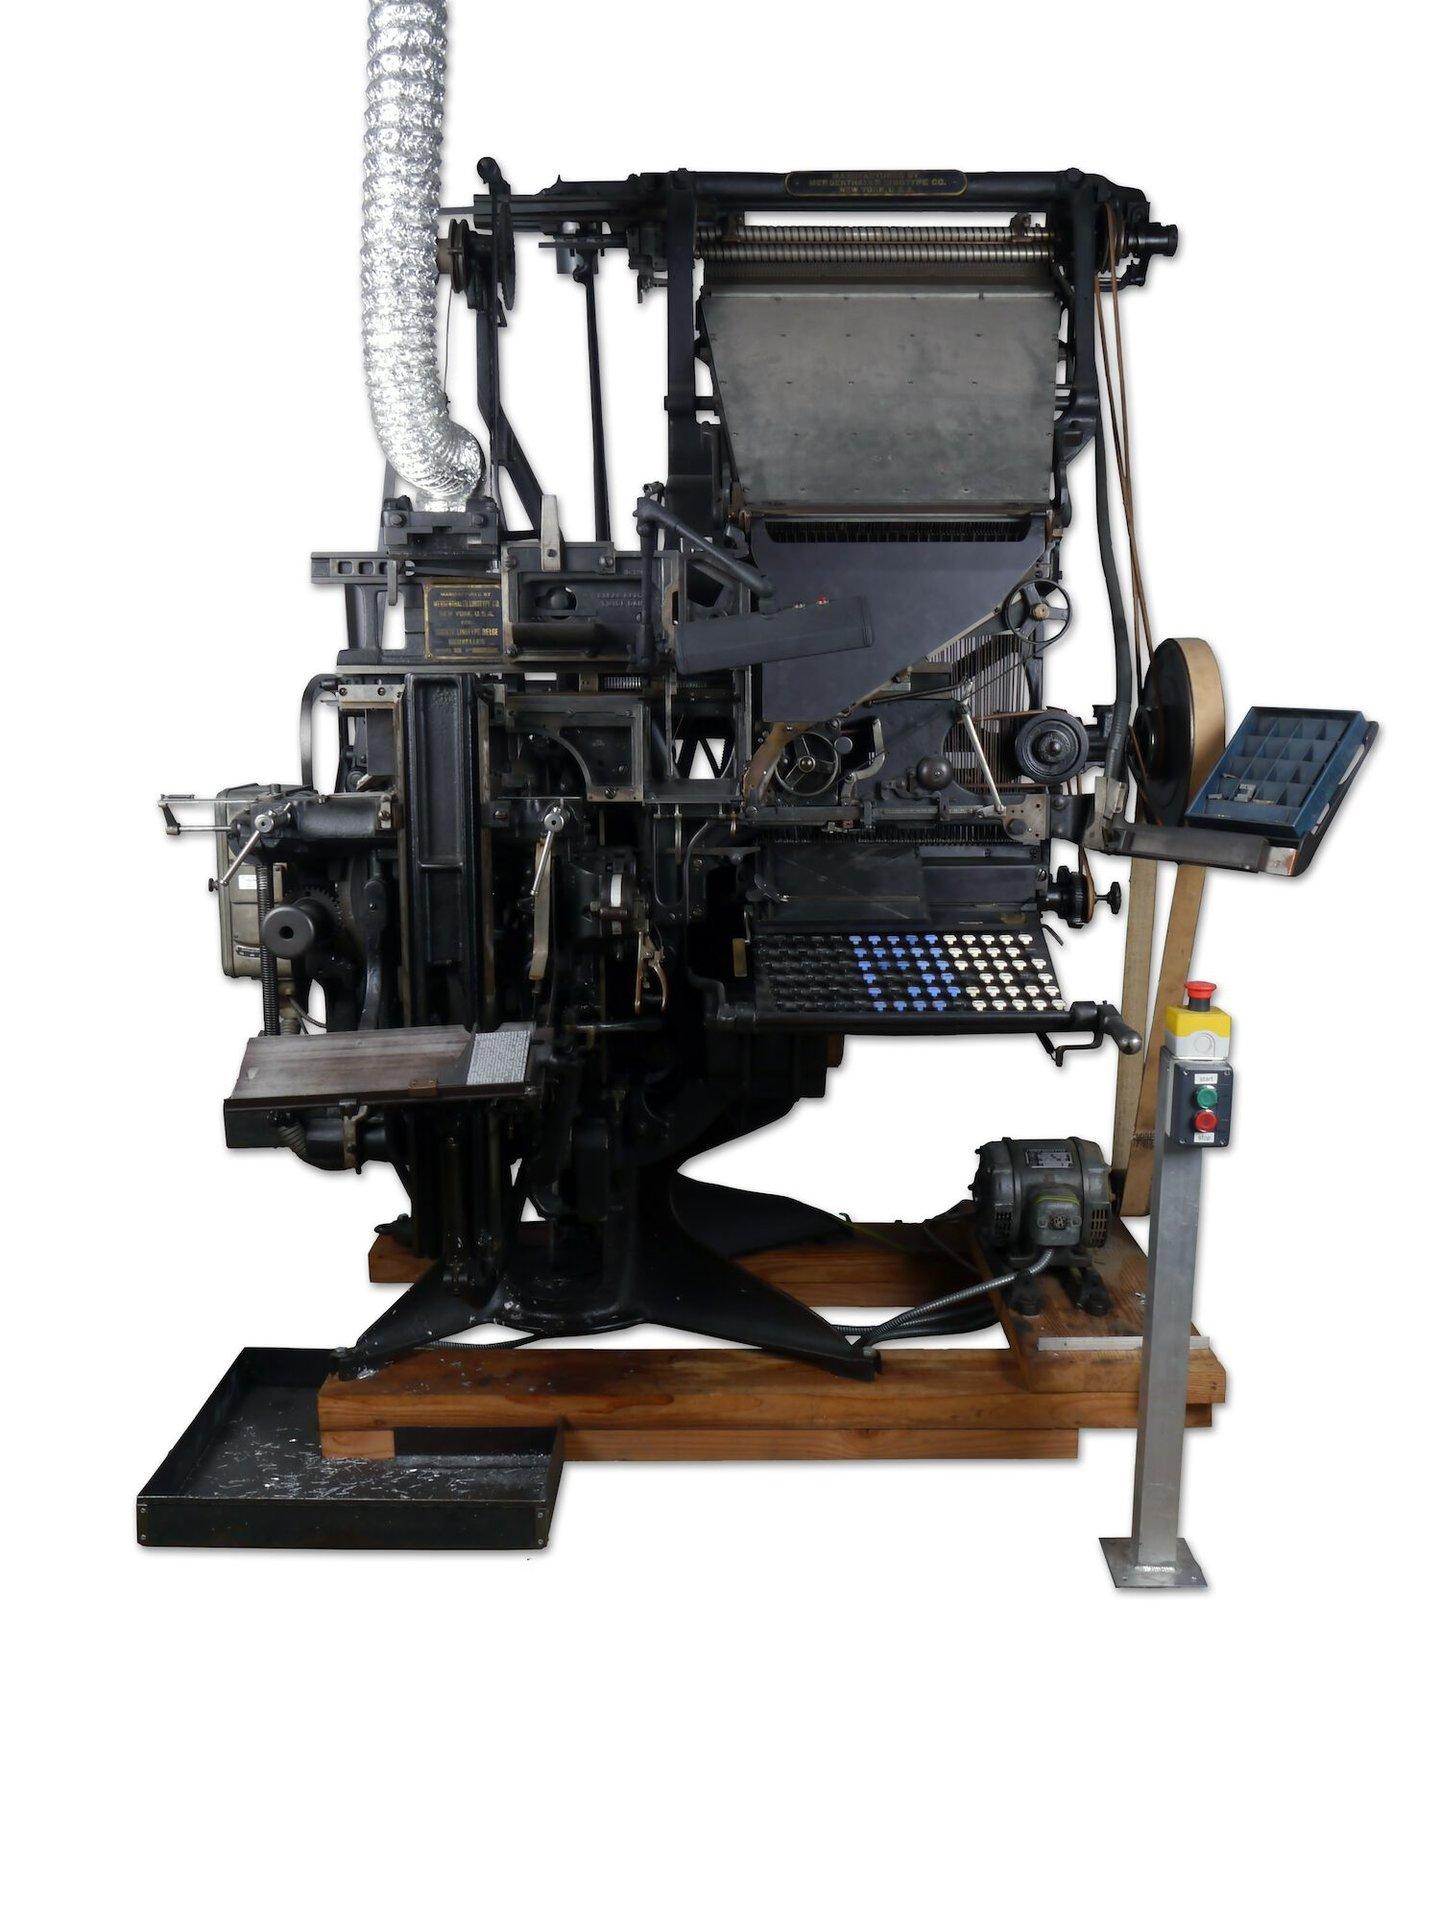 Regelzetmachine van het merk Linotype